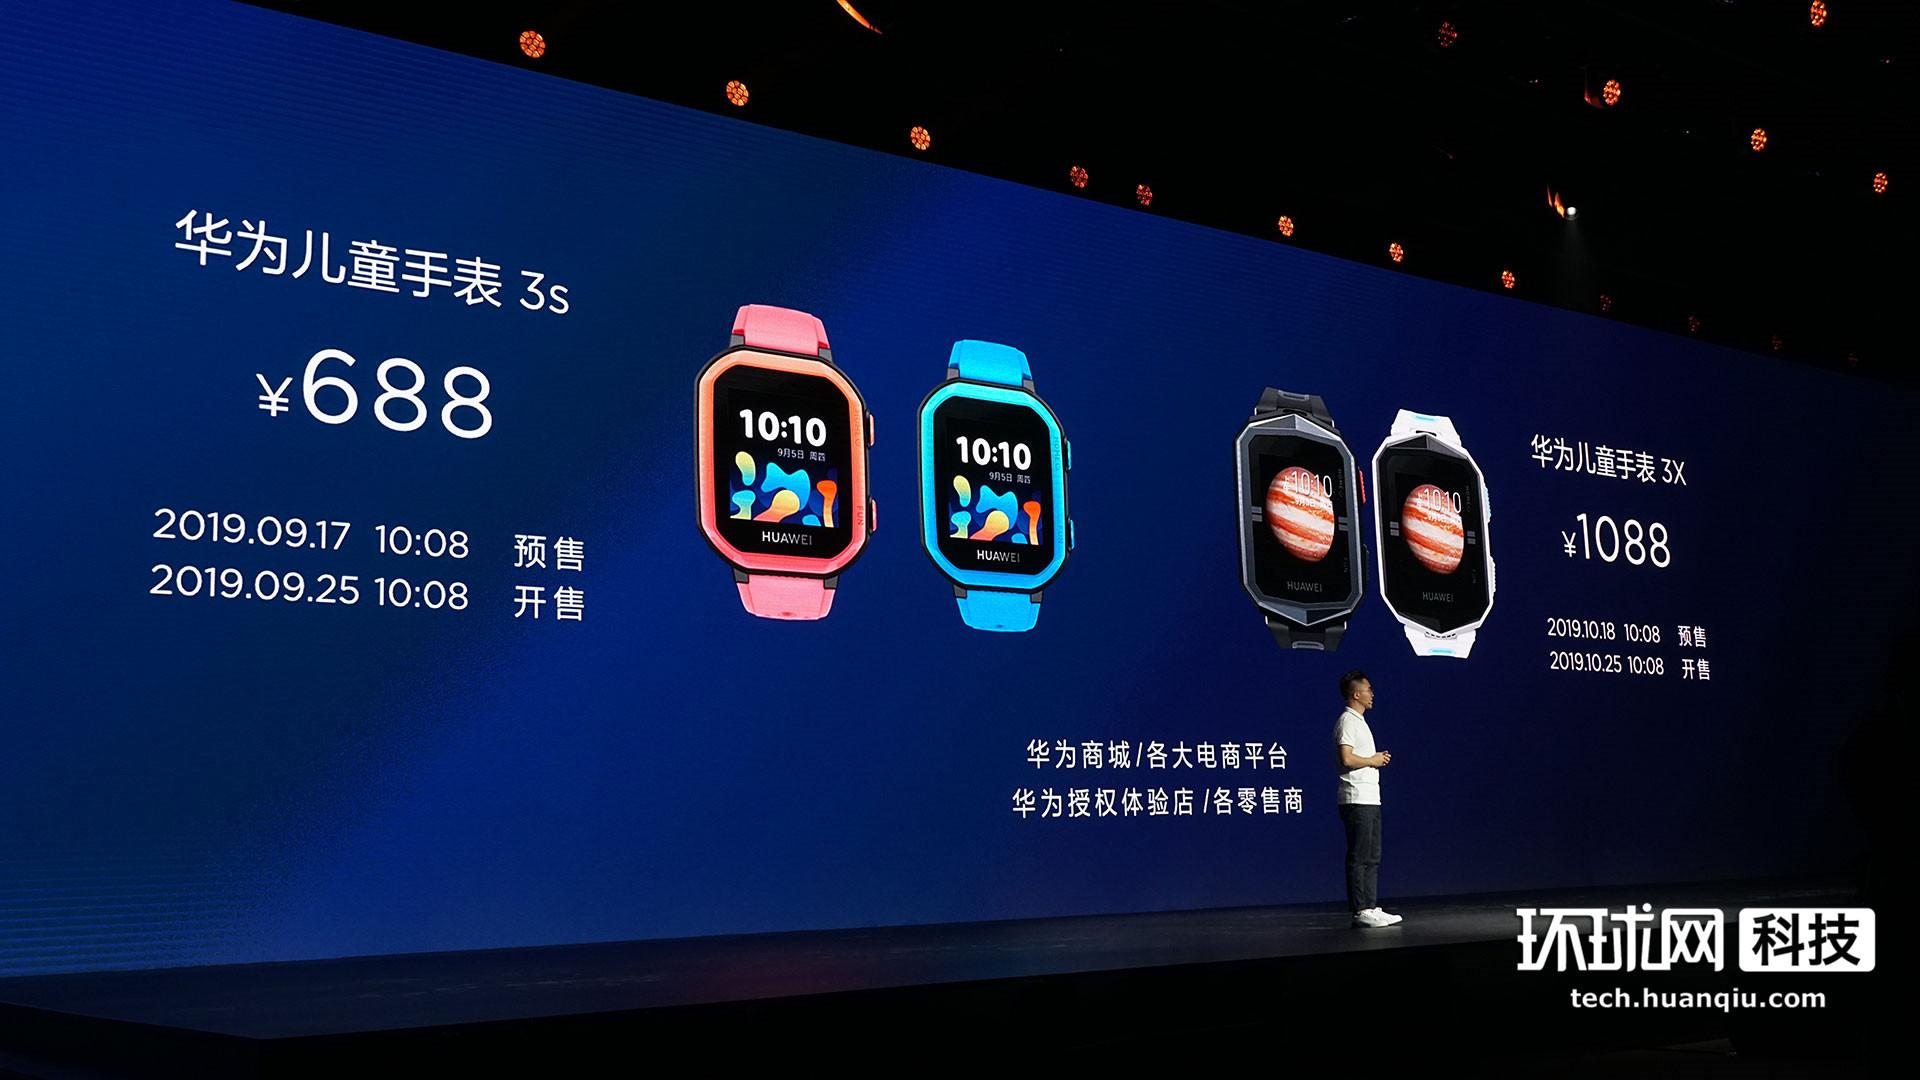 华为儿童手表3s/3X发布,补全3系列产品线